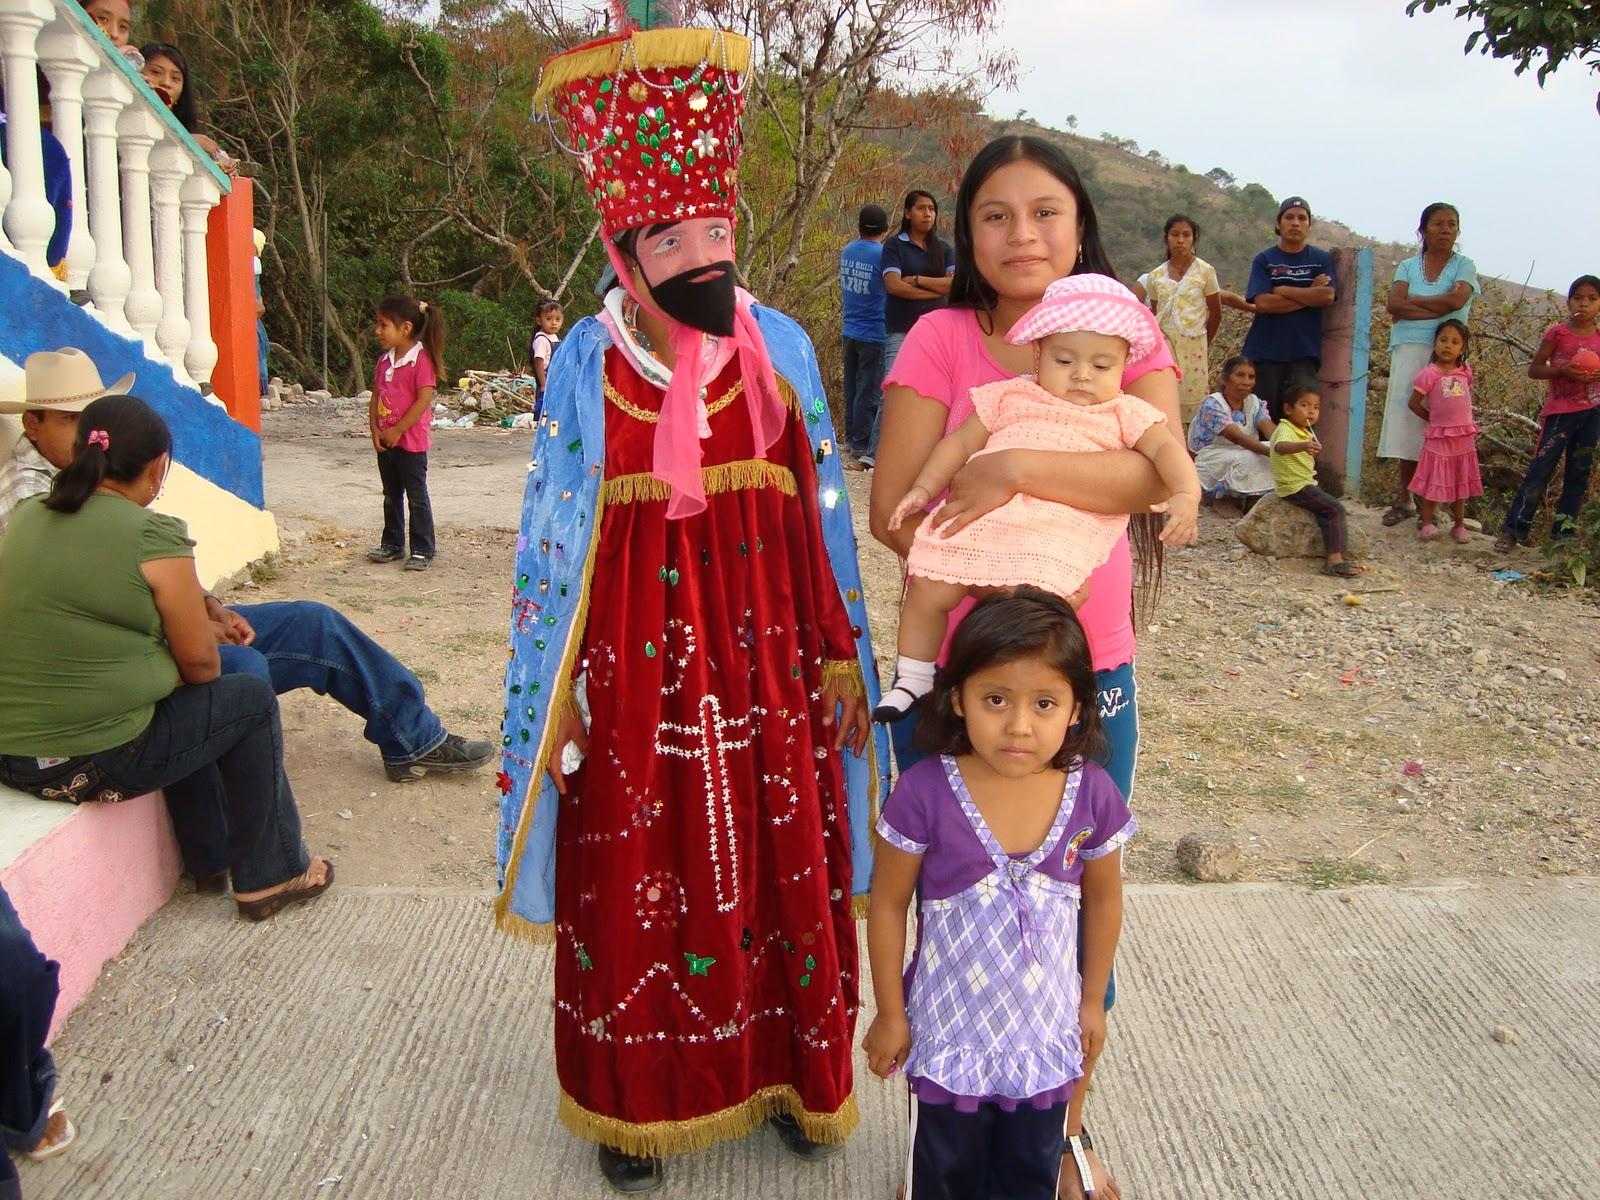 Ximenita de guerrero es una guerrera a la hora de mamar - 3 6